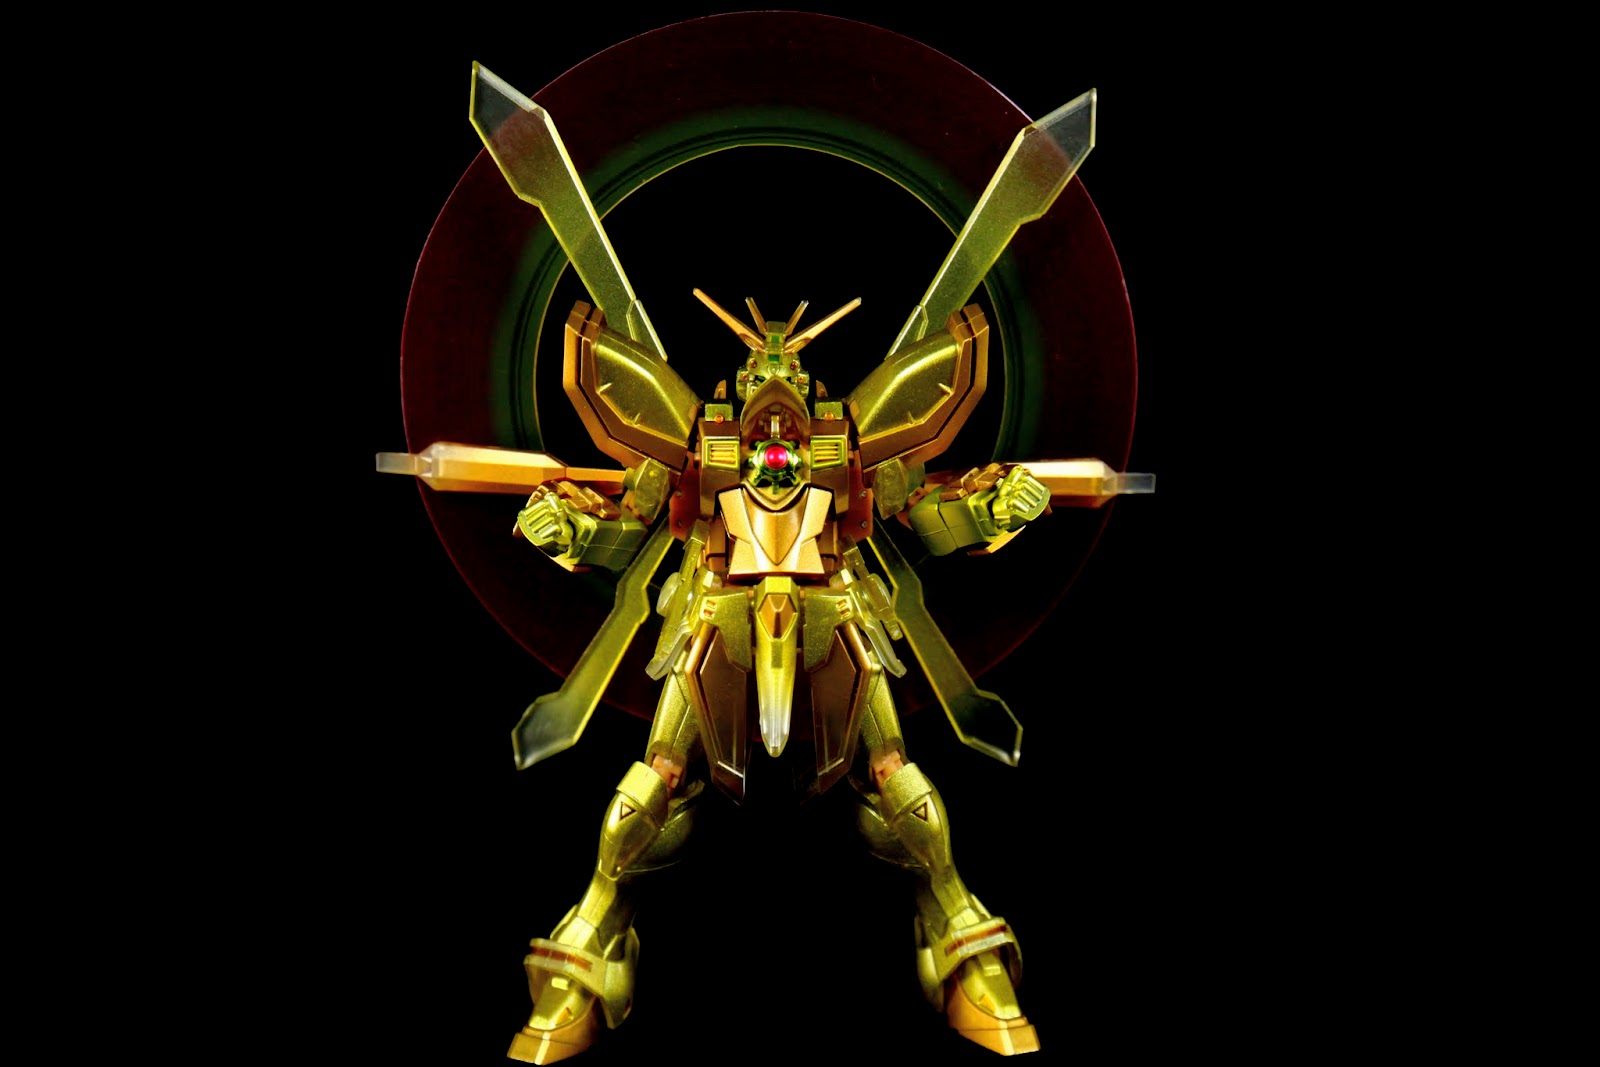 """所以稱之為""""God""""Gundam啊!"""